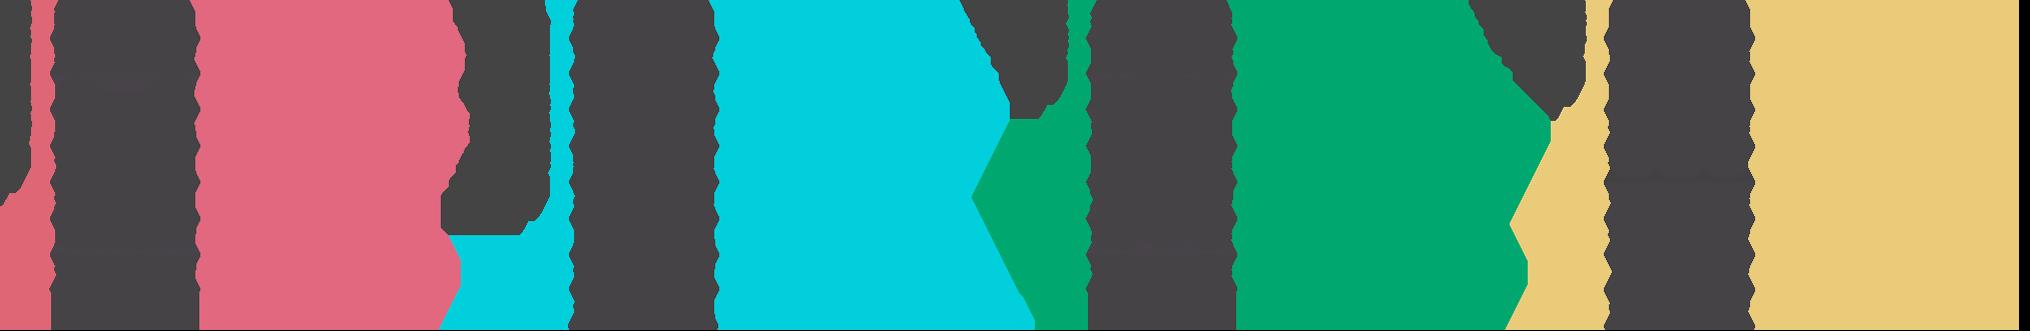 久道 稔グラフ